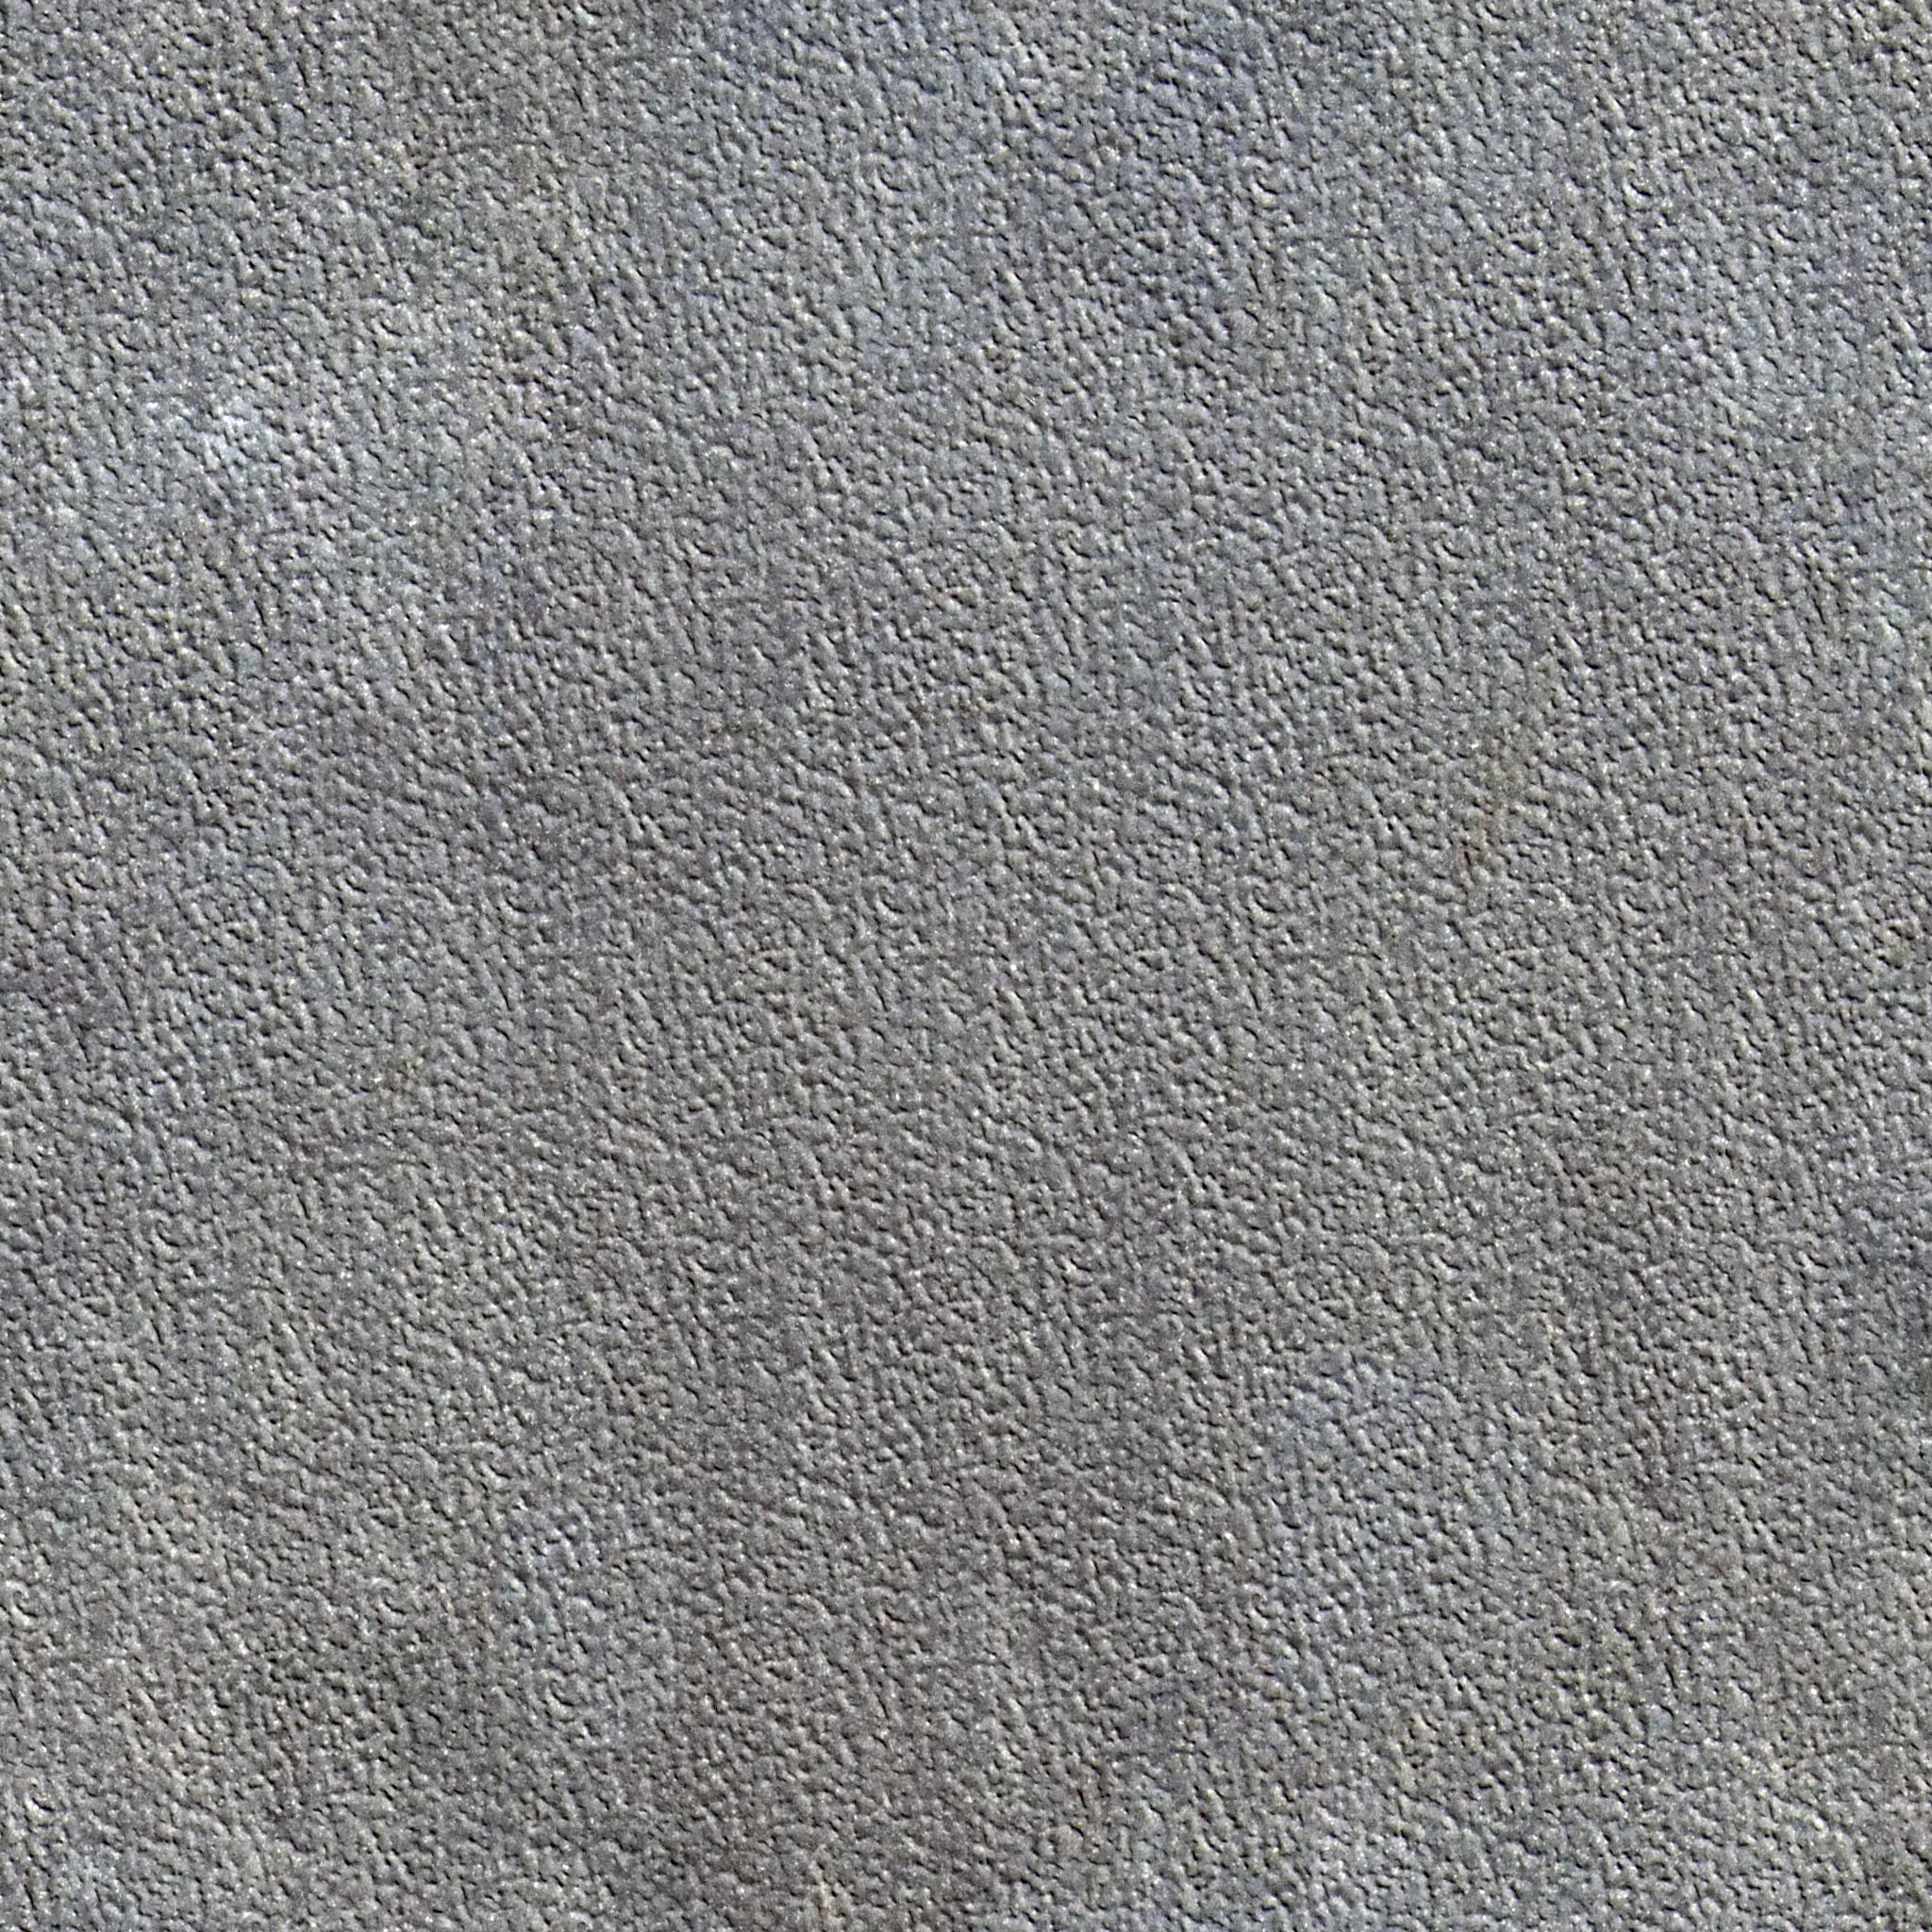 Coarse Aluminum Sheeting.jpg